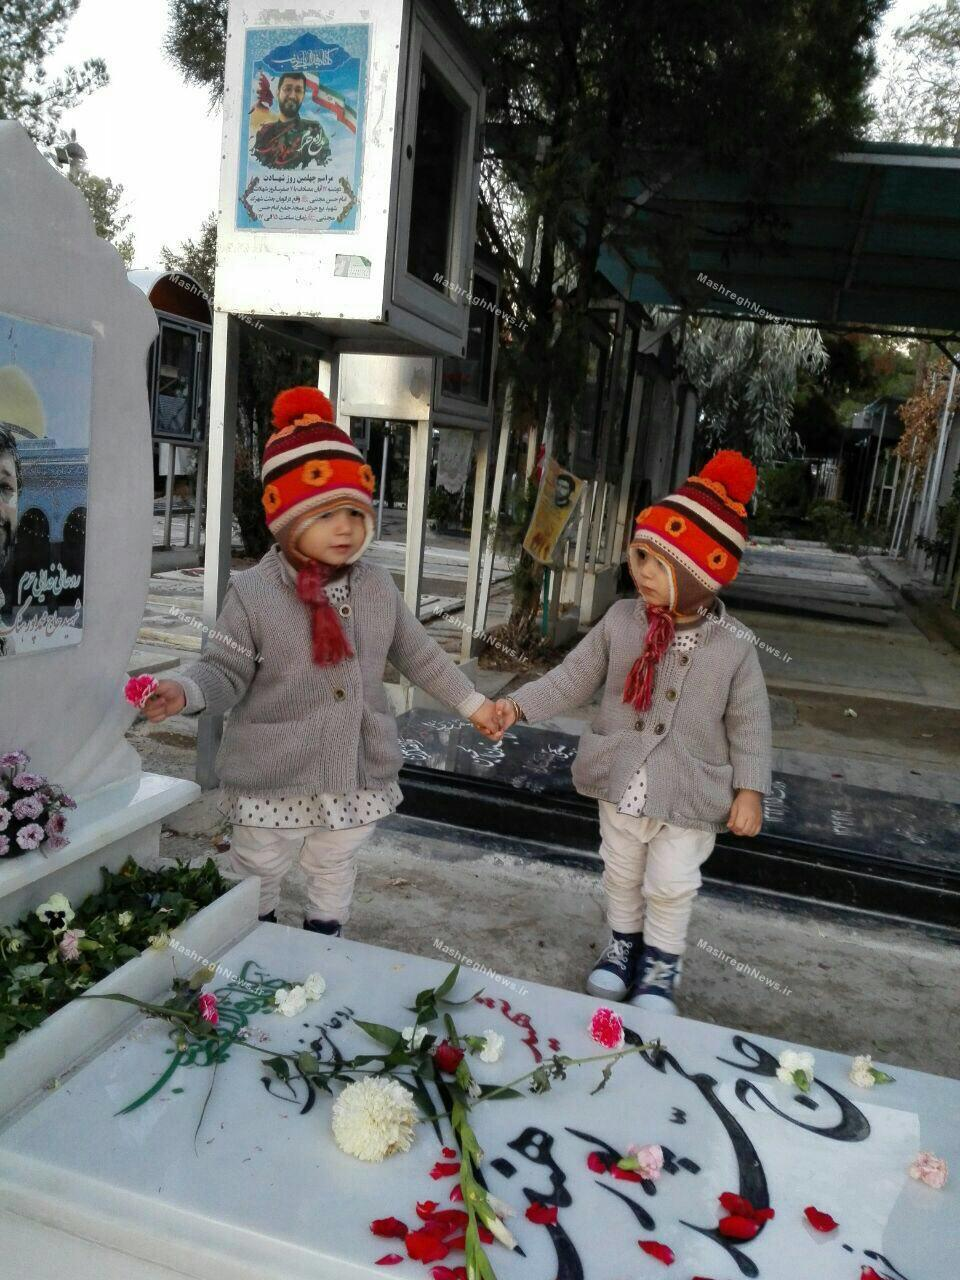 عکس/ دوقلوها سنگ مزار را به پدرشان هدیه دادند